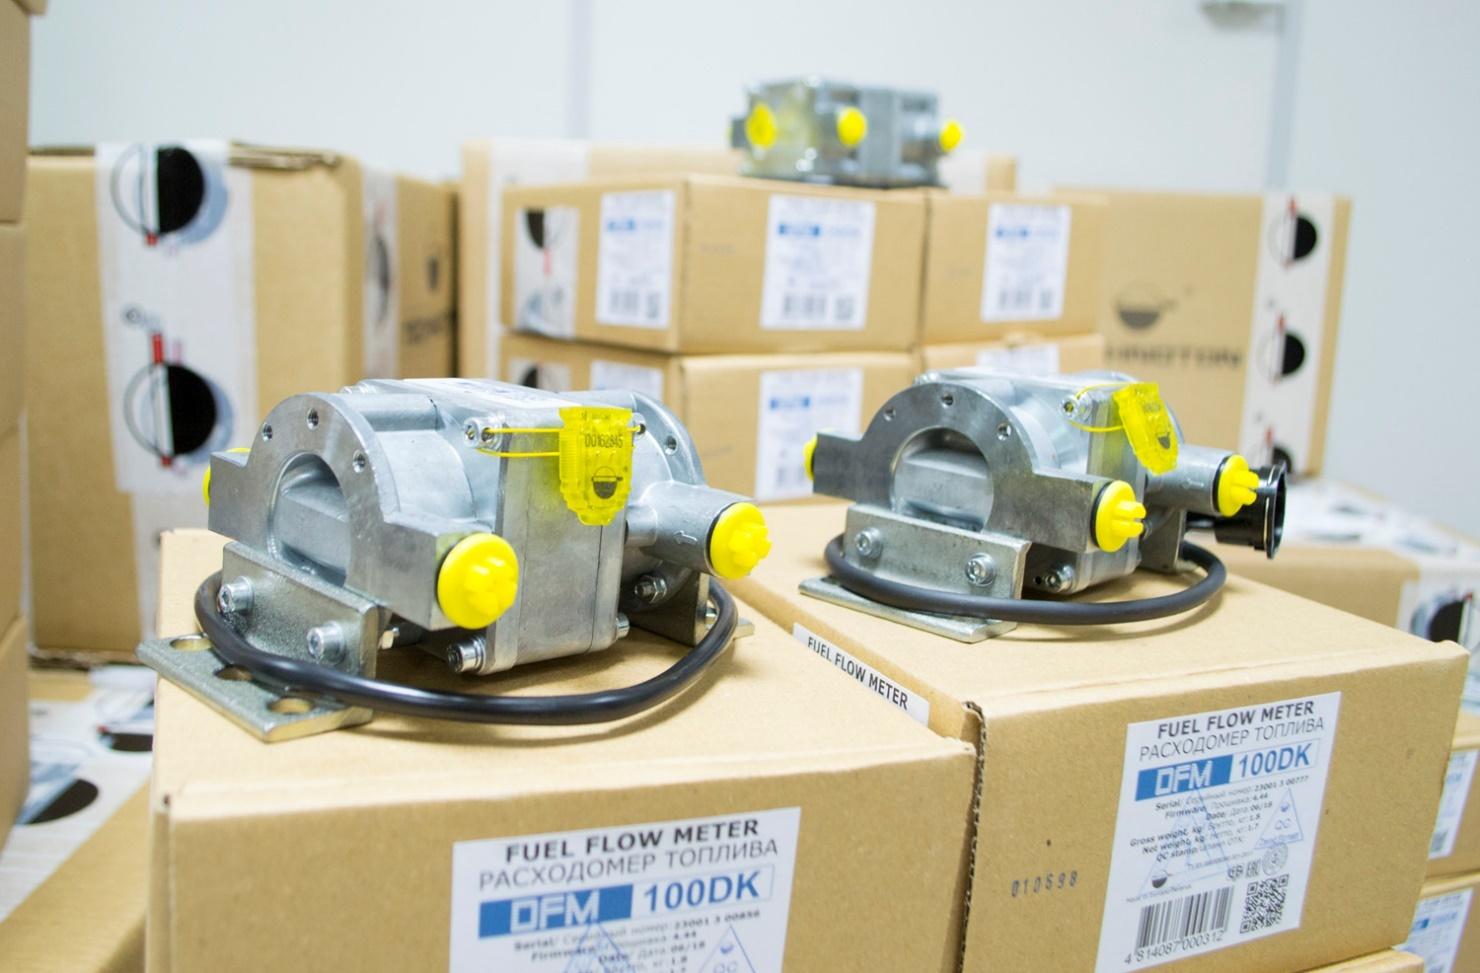 DFM 100 DK fuel flow meters